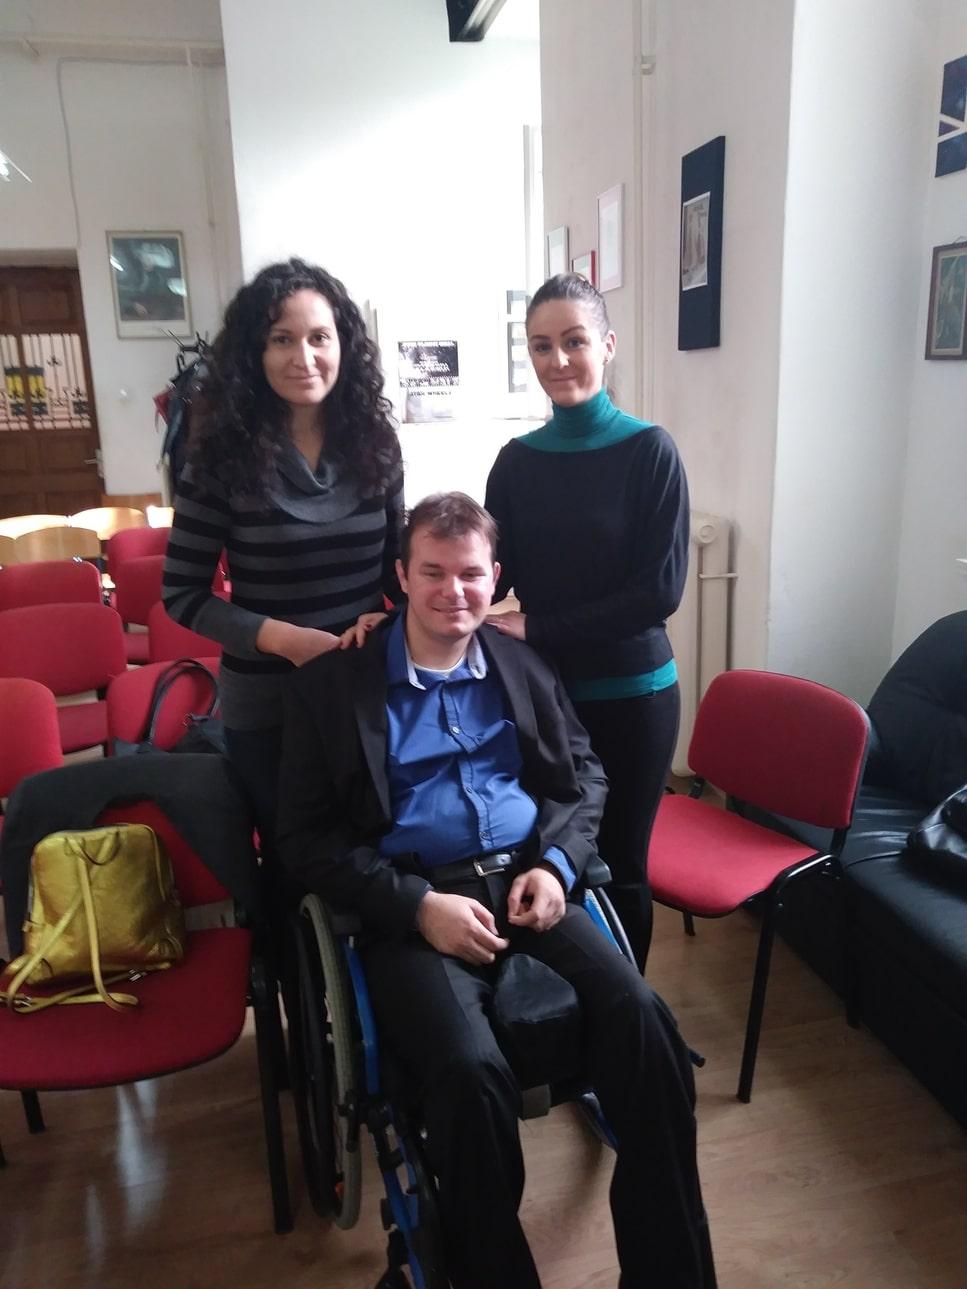 Međunarodni dan osoba s invaliditetom 2017.1-uomd